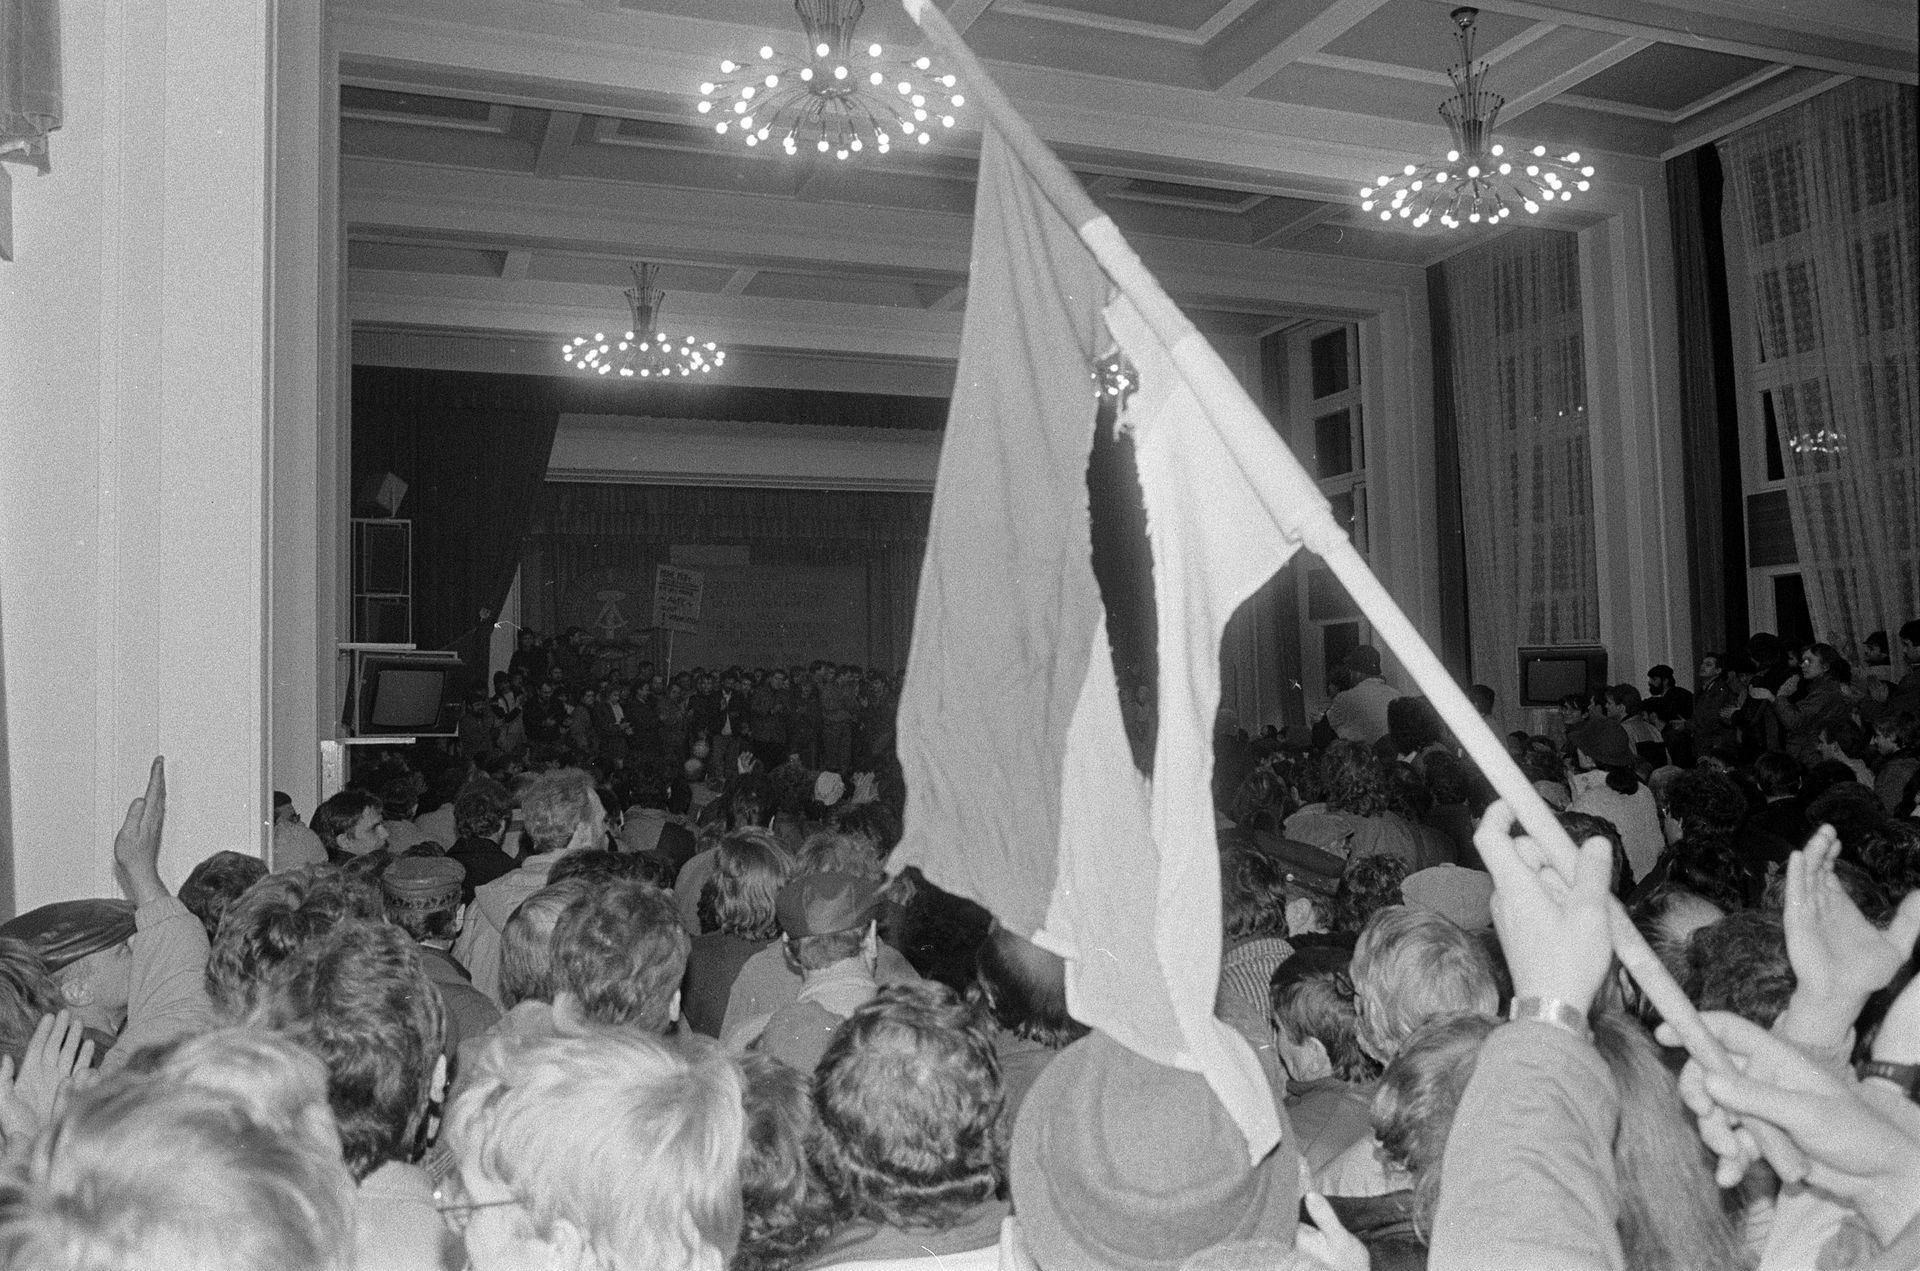 Das Bild zeigt eine große Menschenmenge in einem großen Saal. Im Vordergrund schwenkt jemand eine nicht genau zu identifizierende Fahne.